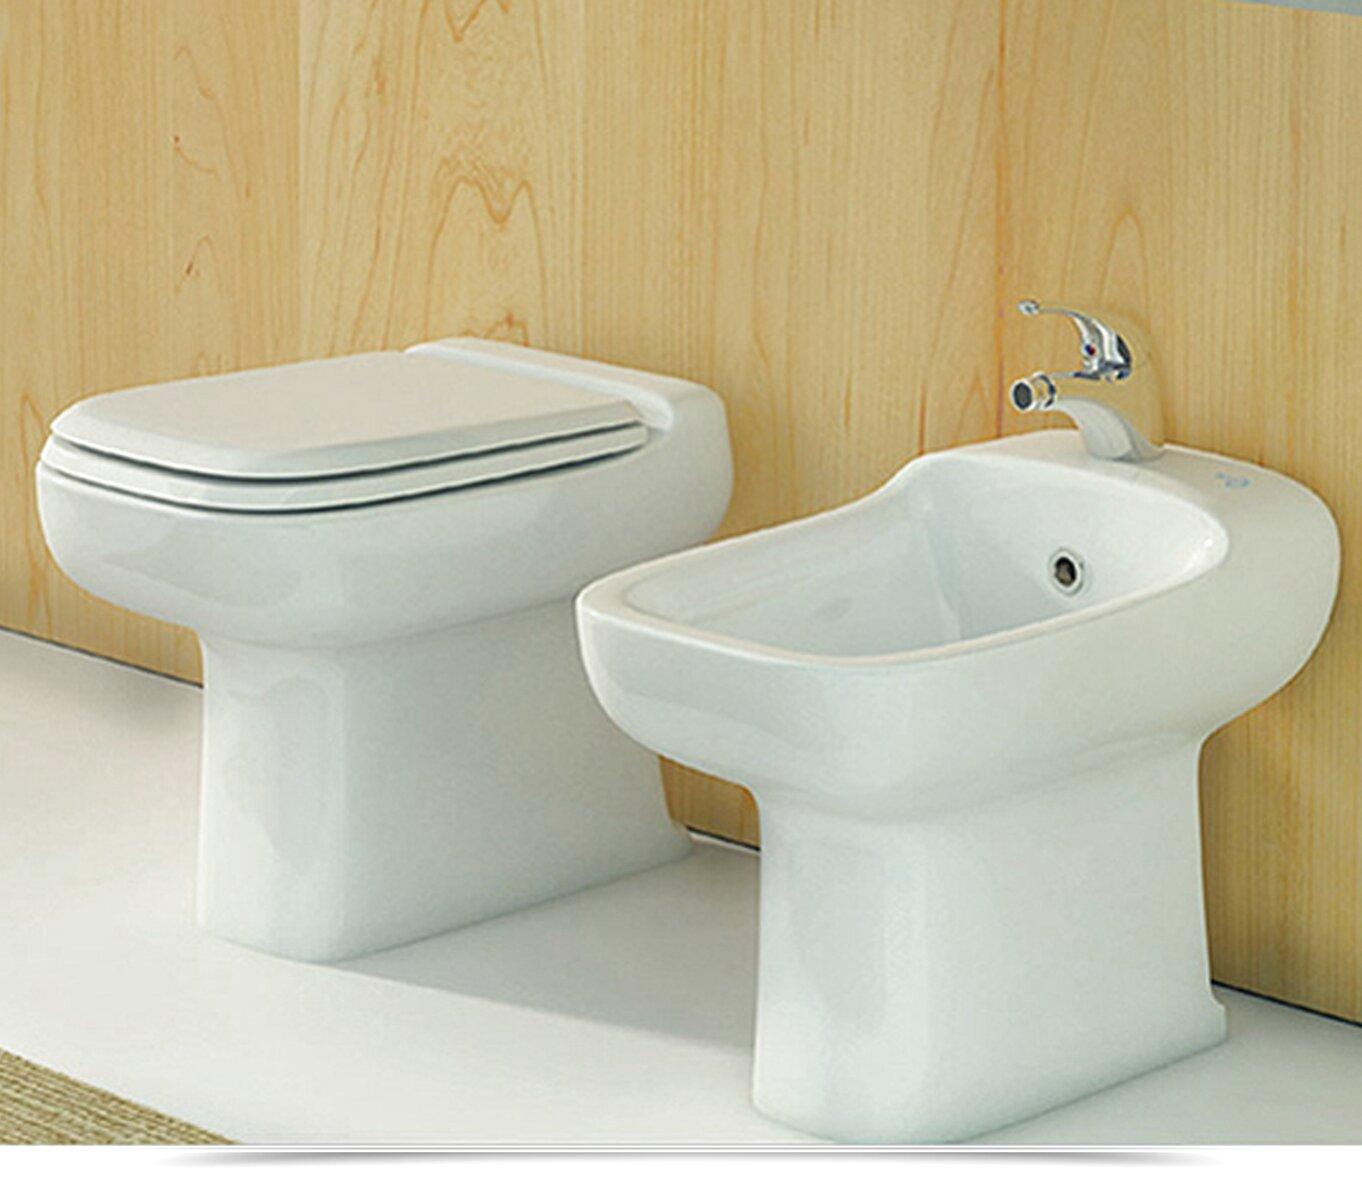 Sedile Wc Ideal Standard Conca In Legno E Resina Colata Made In Italy Tecno Casa